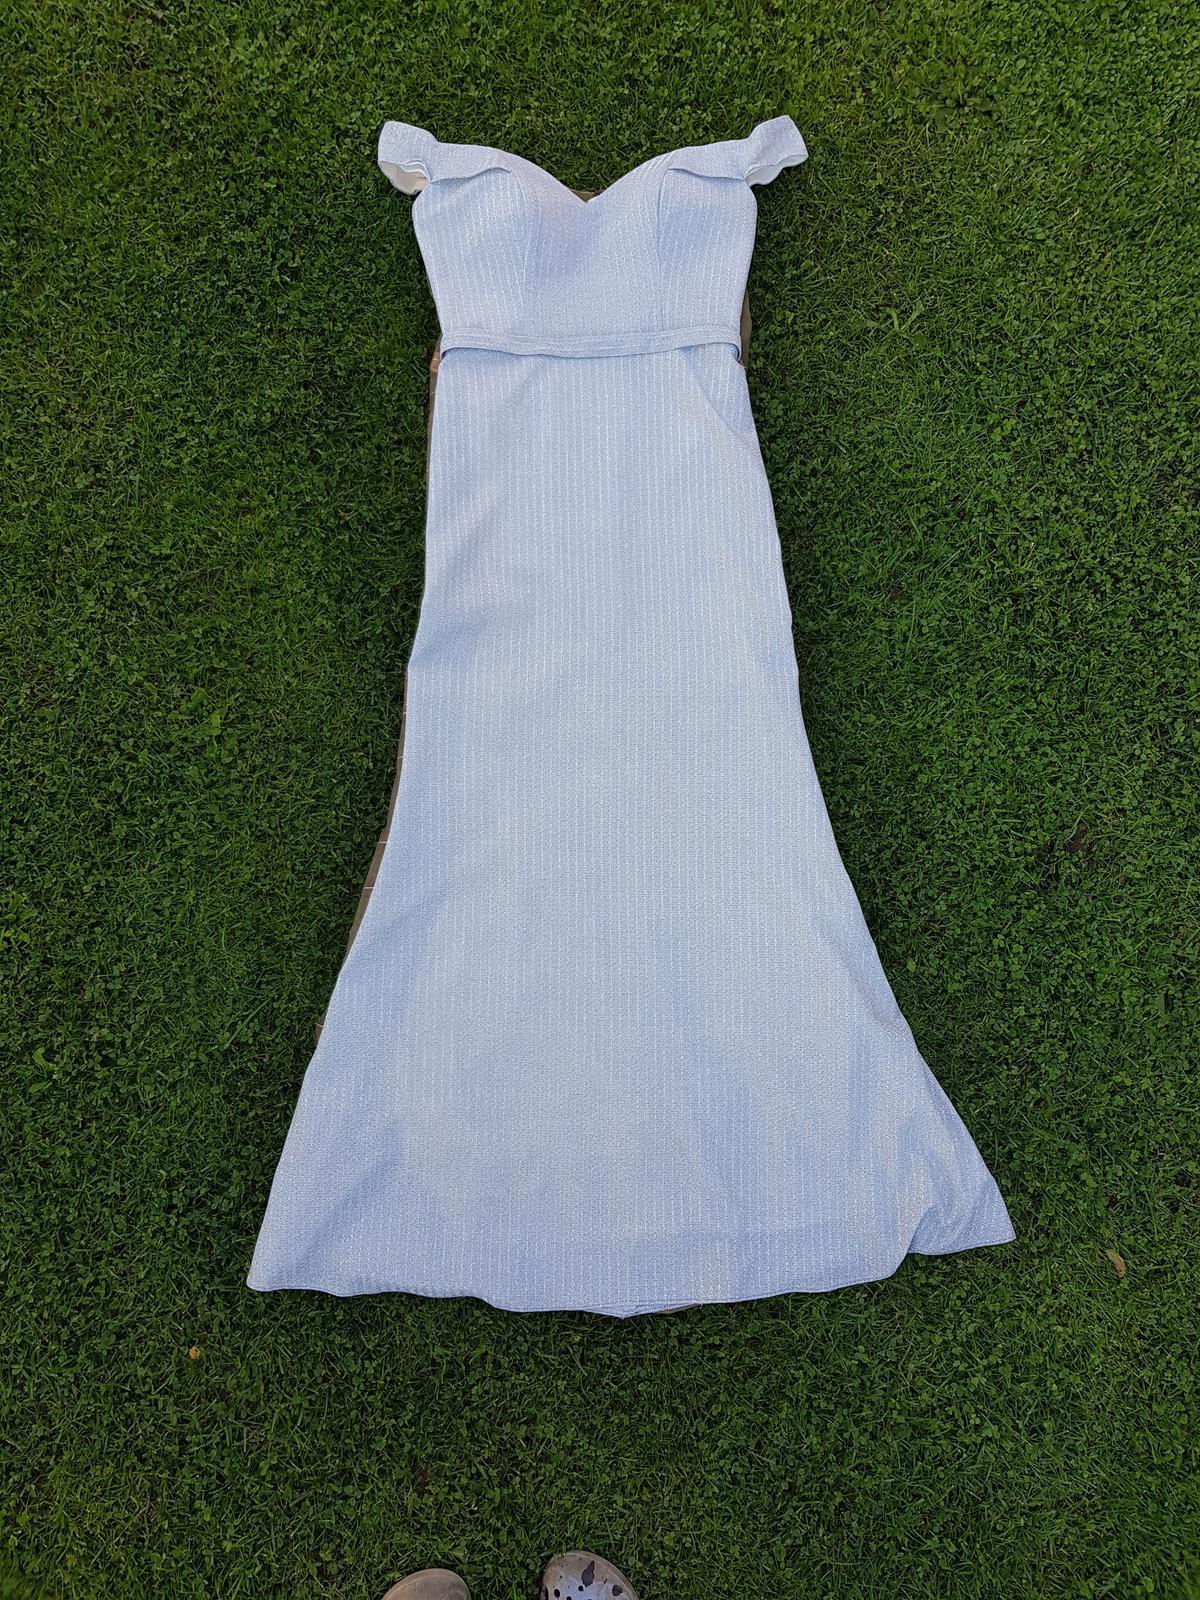 Strieborné spoločenské šaty - Obrázok č. 1